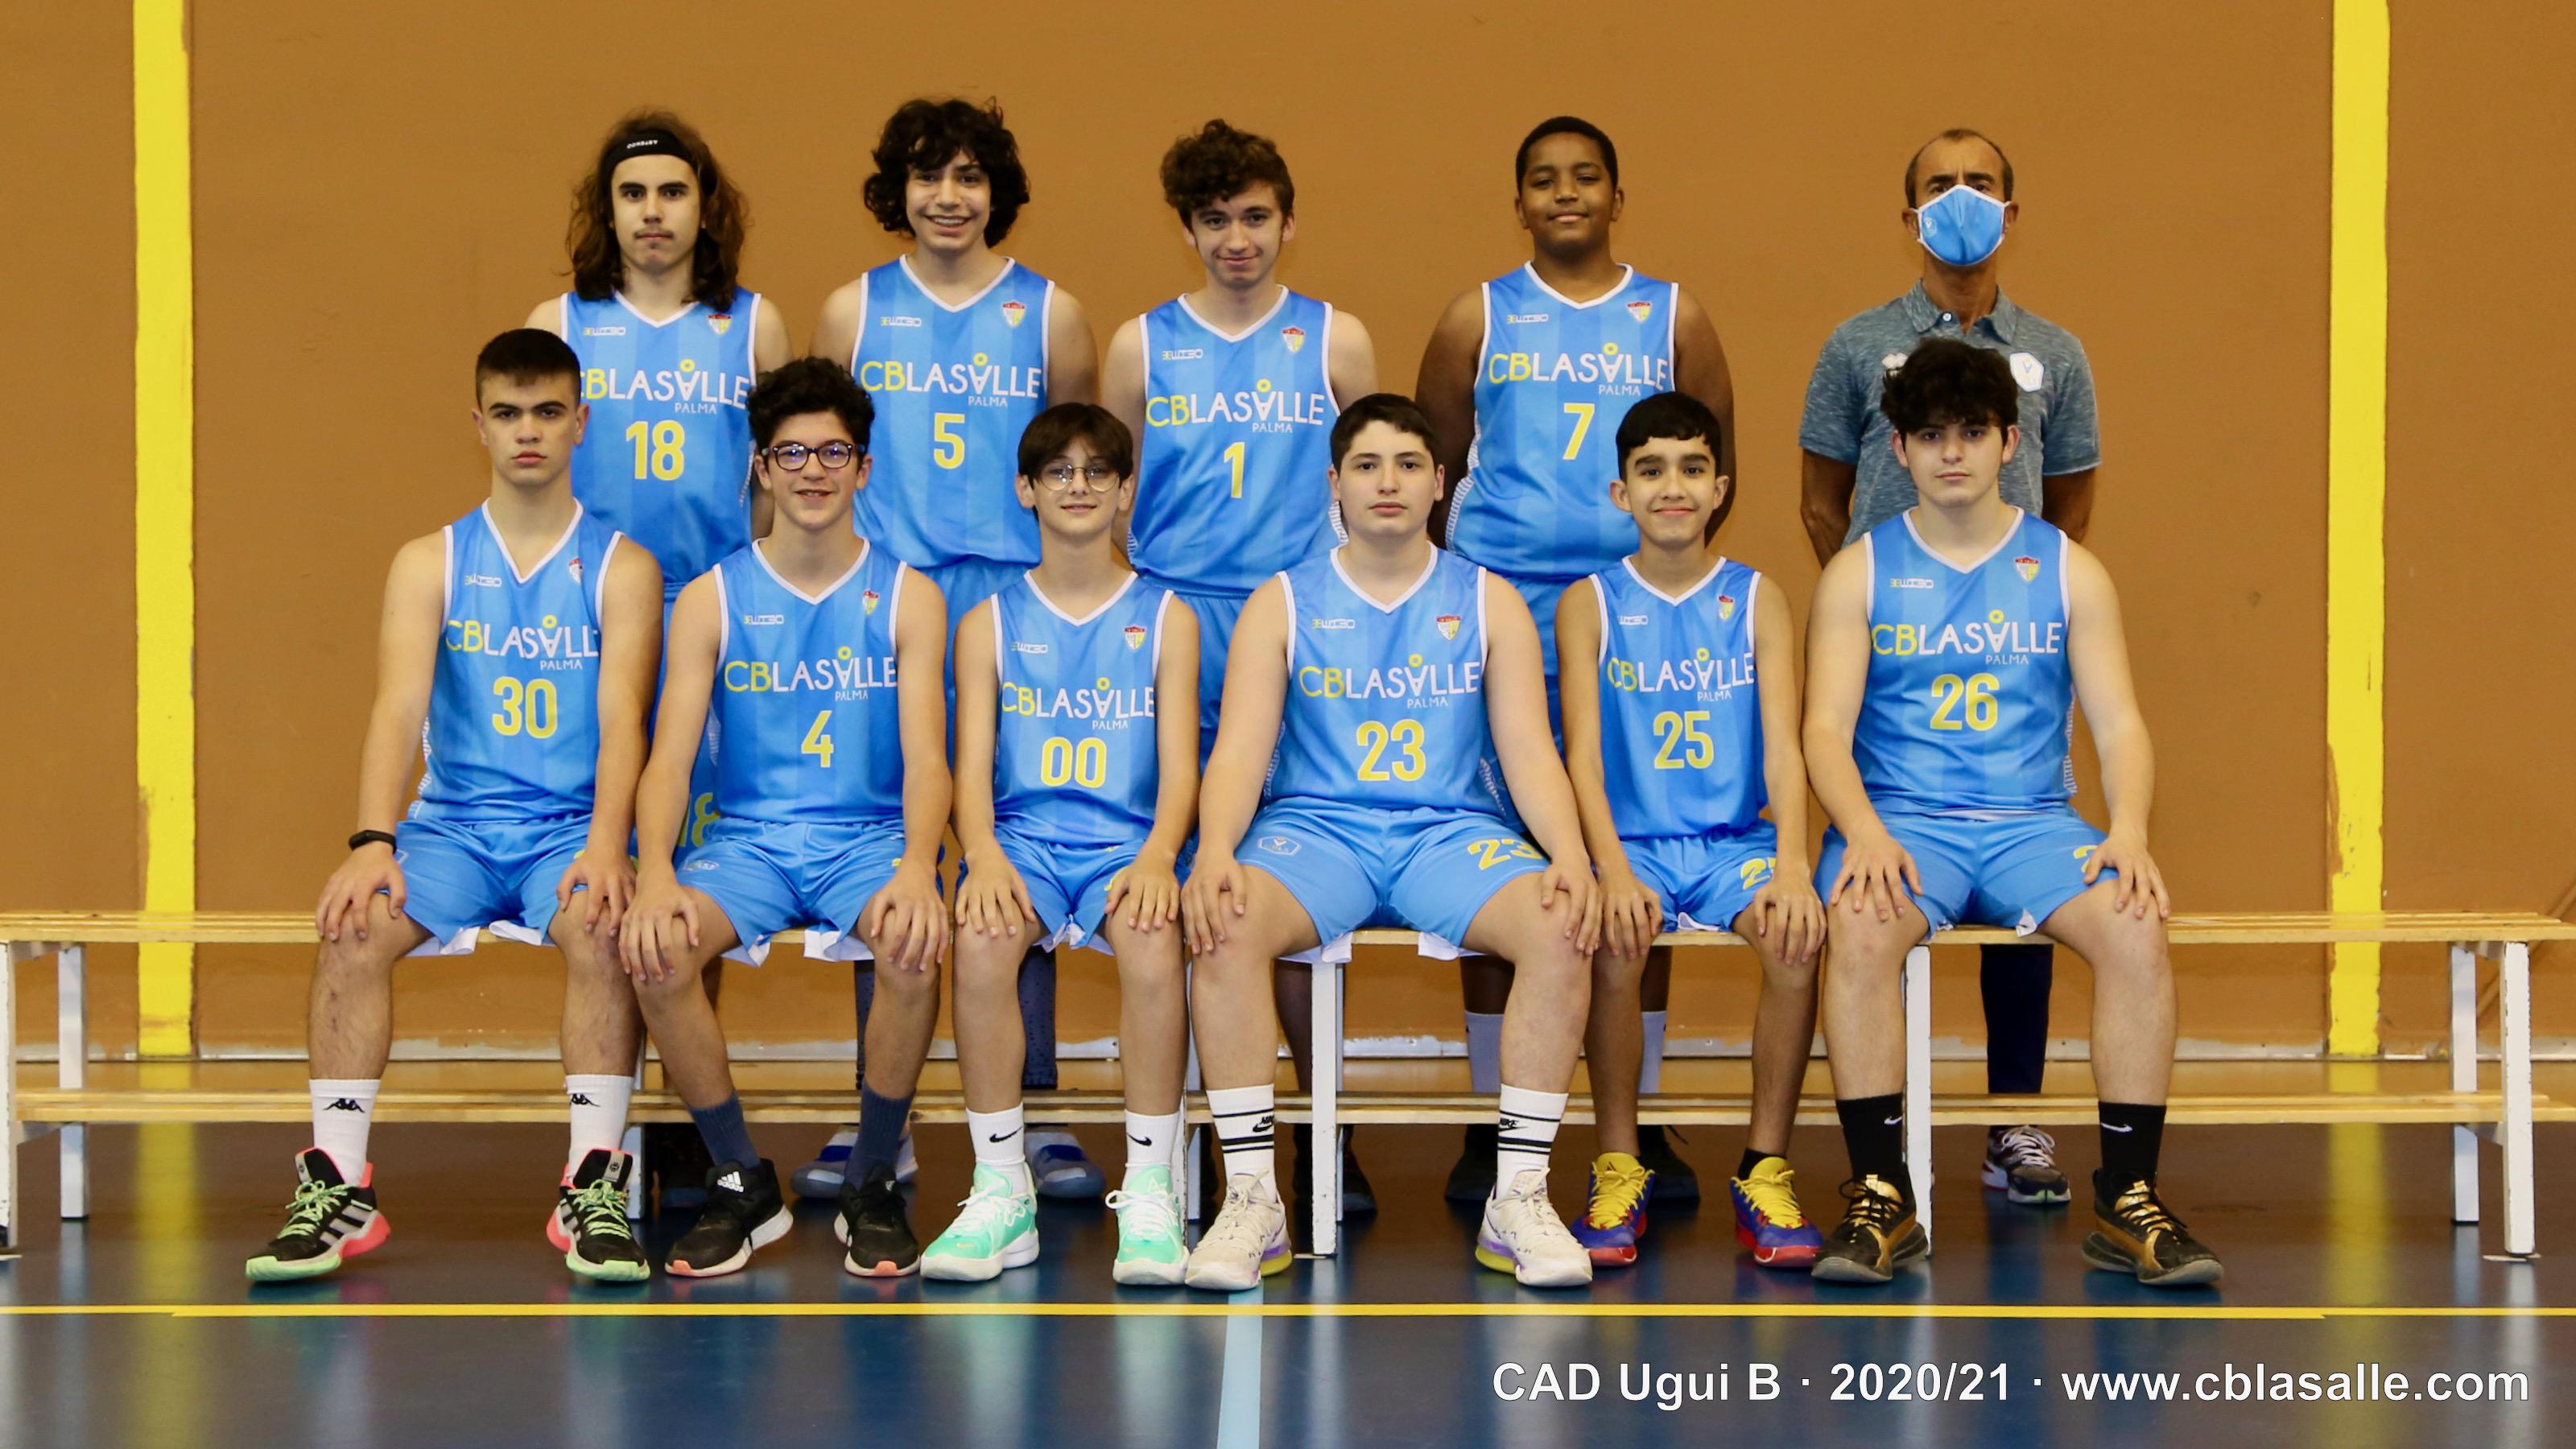 CAD Ugui B